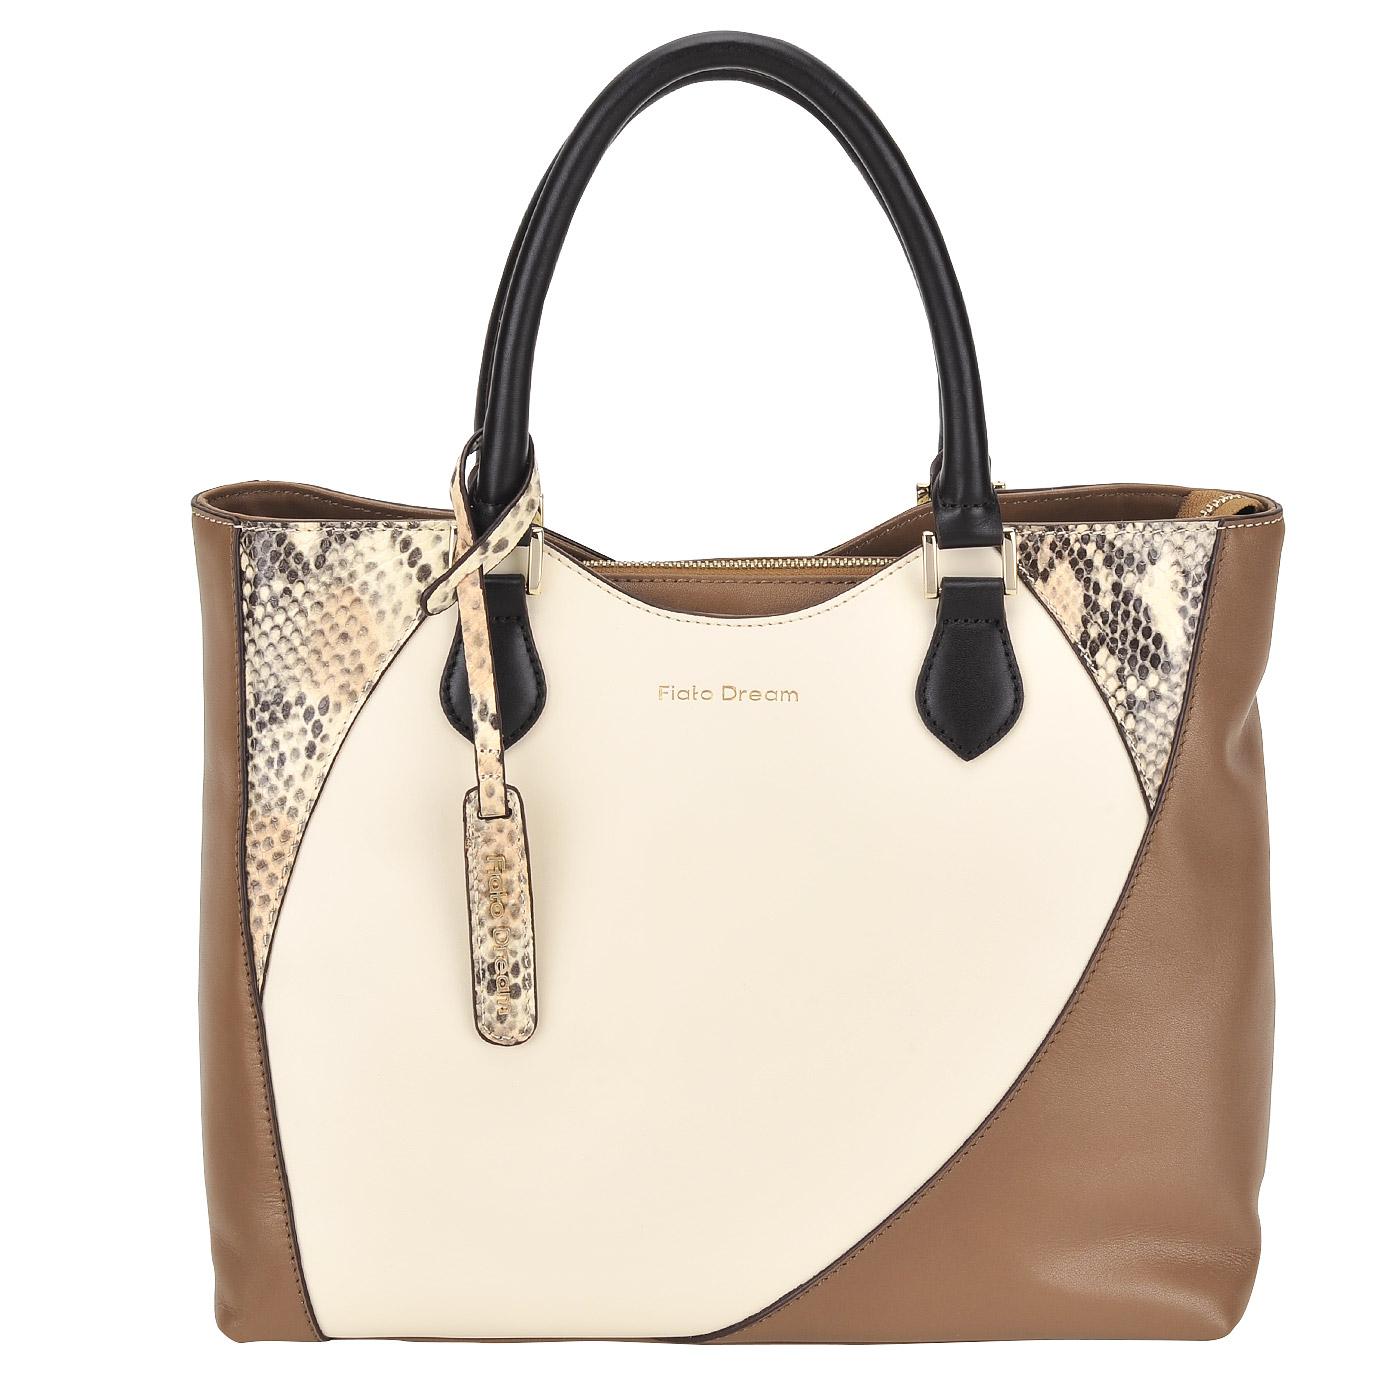 71da51b2e0a3 Женская кожаная сумка Fiato Dream Женская кожаная сумка Fiato Dream ...